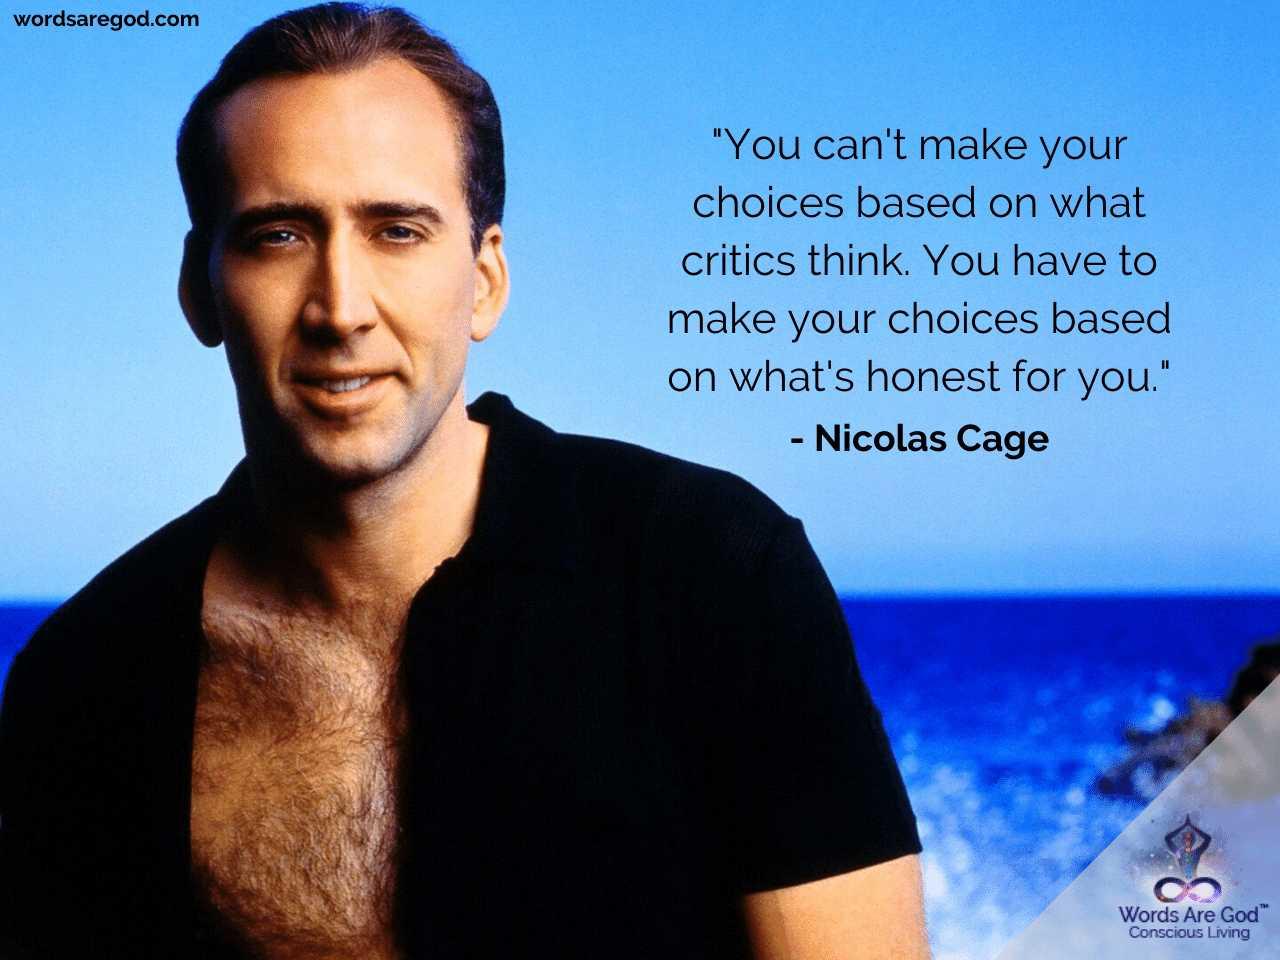 Nicolas Cage Inspirational Quotes by Nicolas Cage